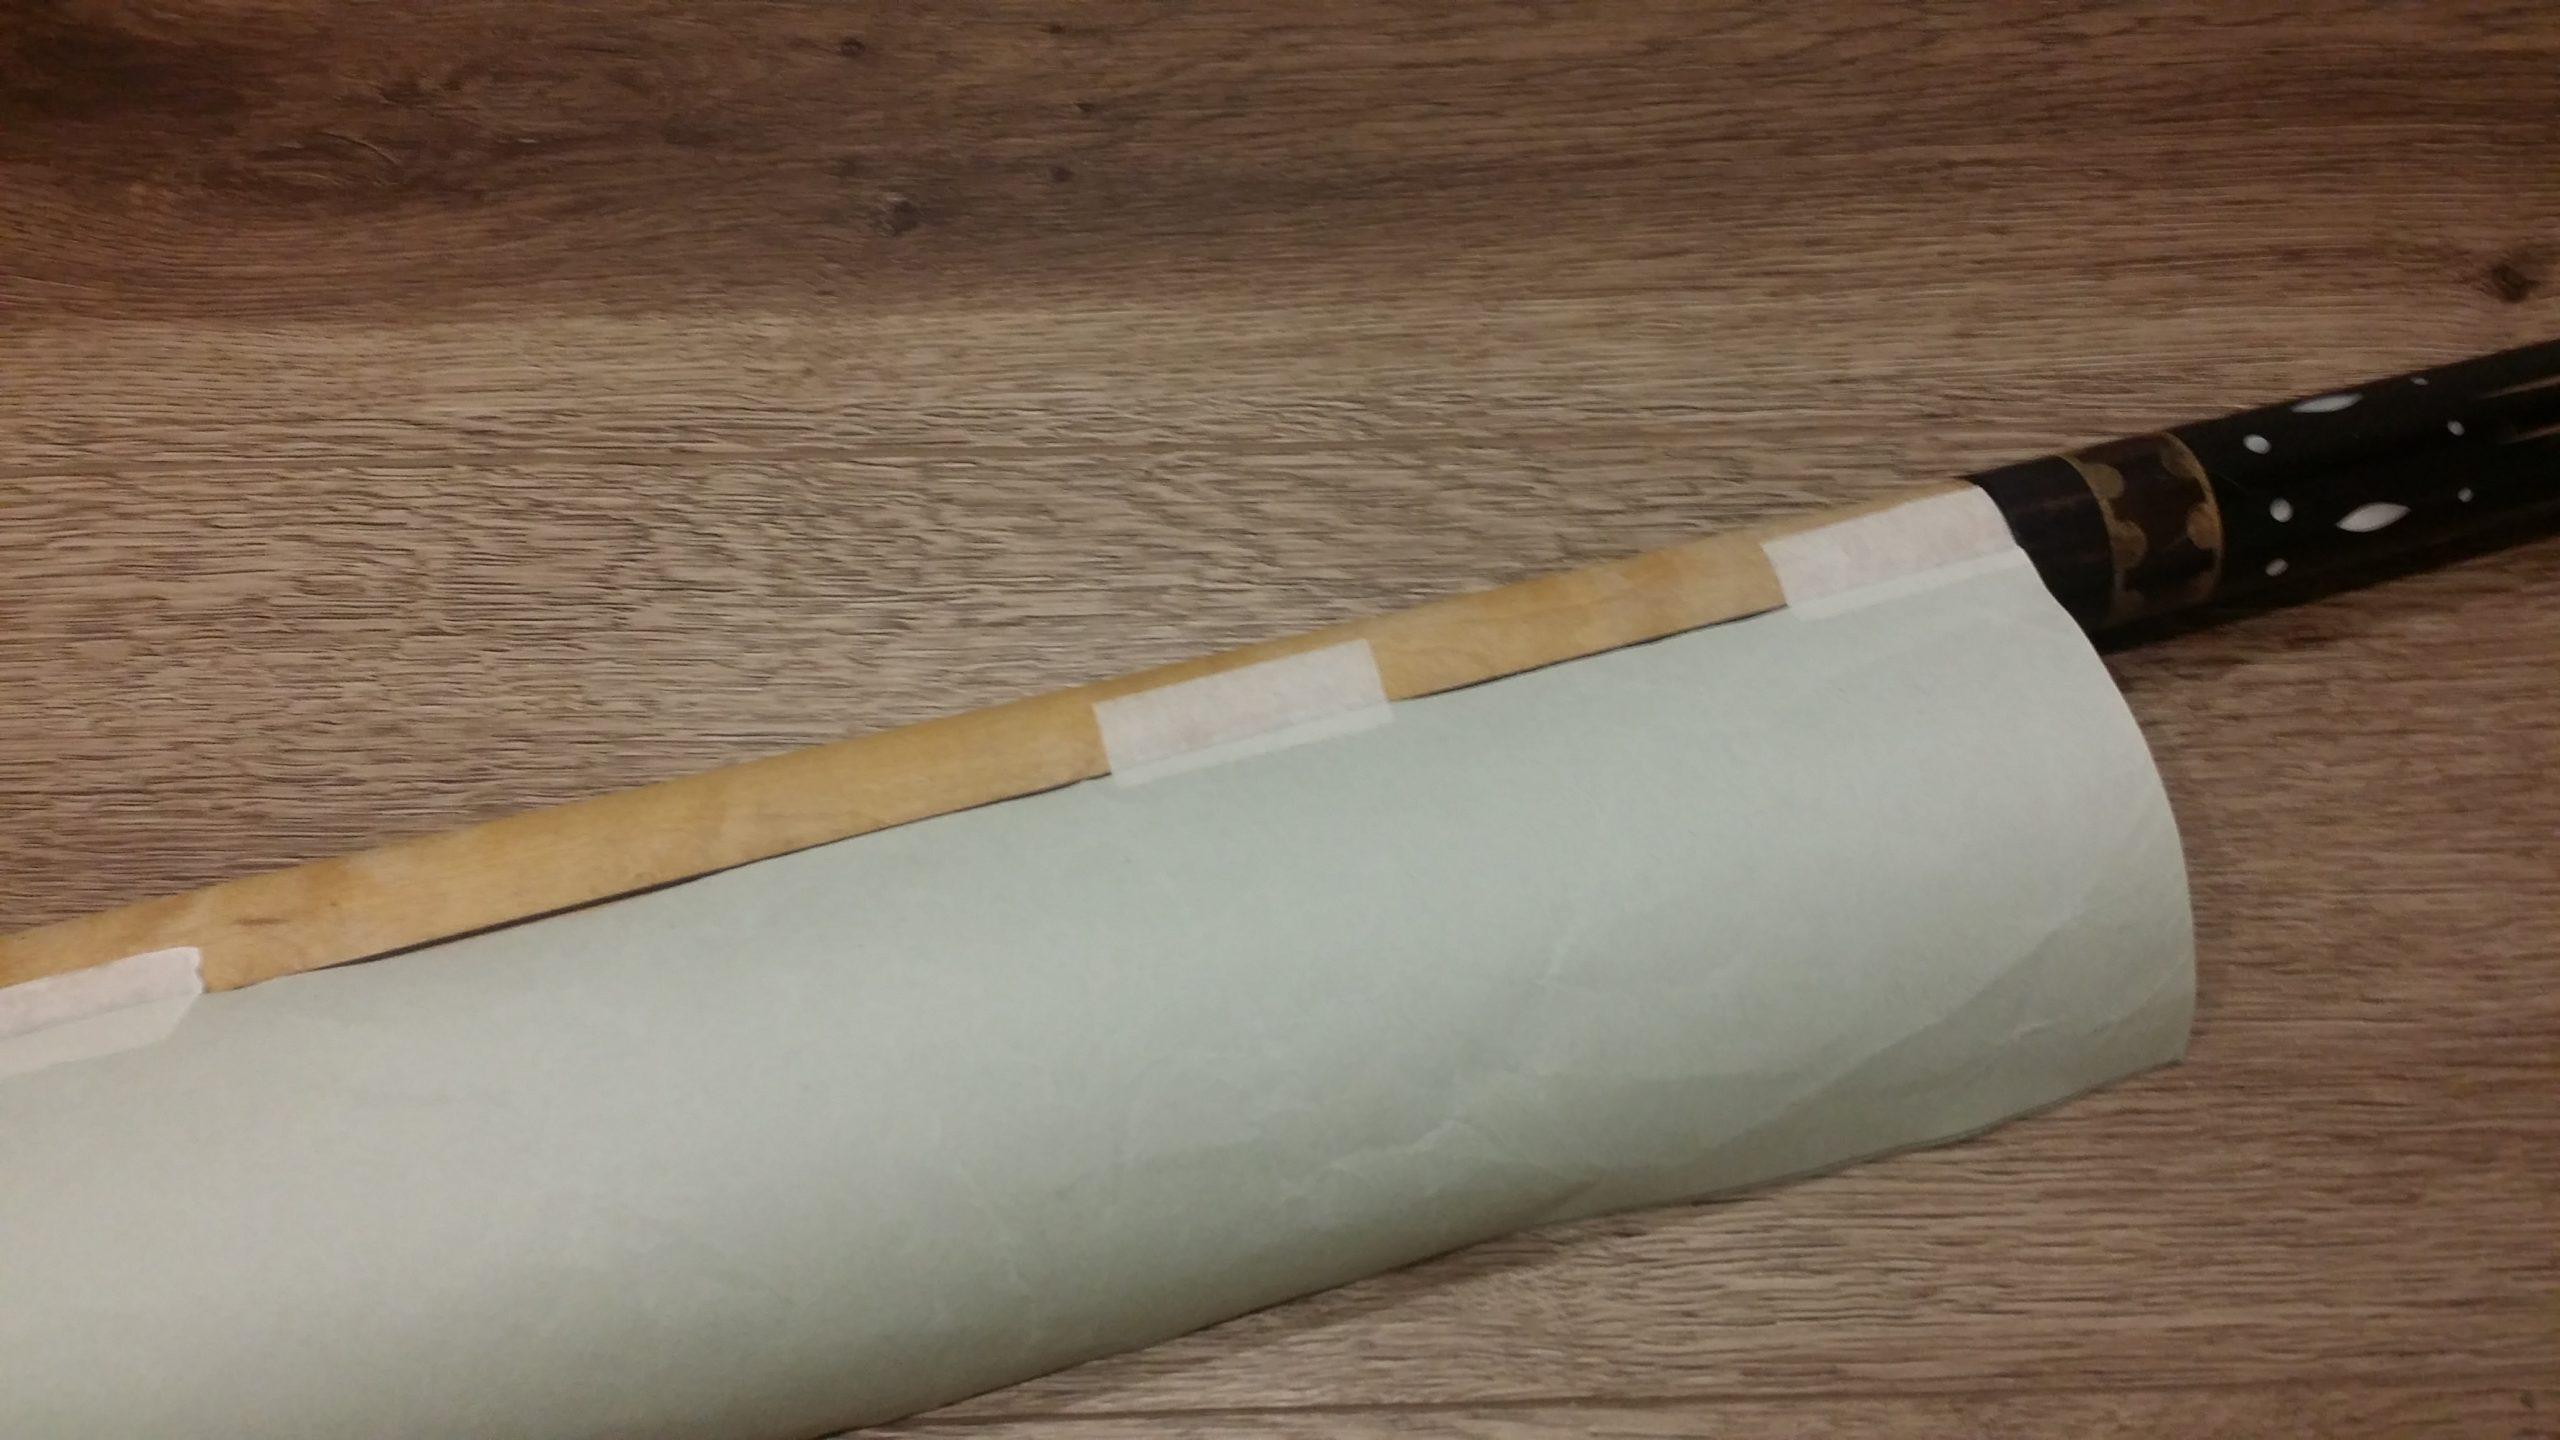 上側の横のラインをグリップ上部の境目に合わせ、縦のラインは中心線に合わせて、型紙をテープで固定